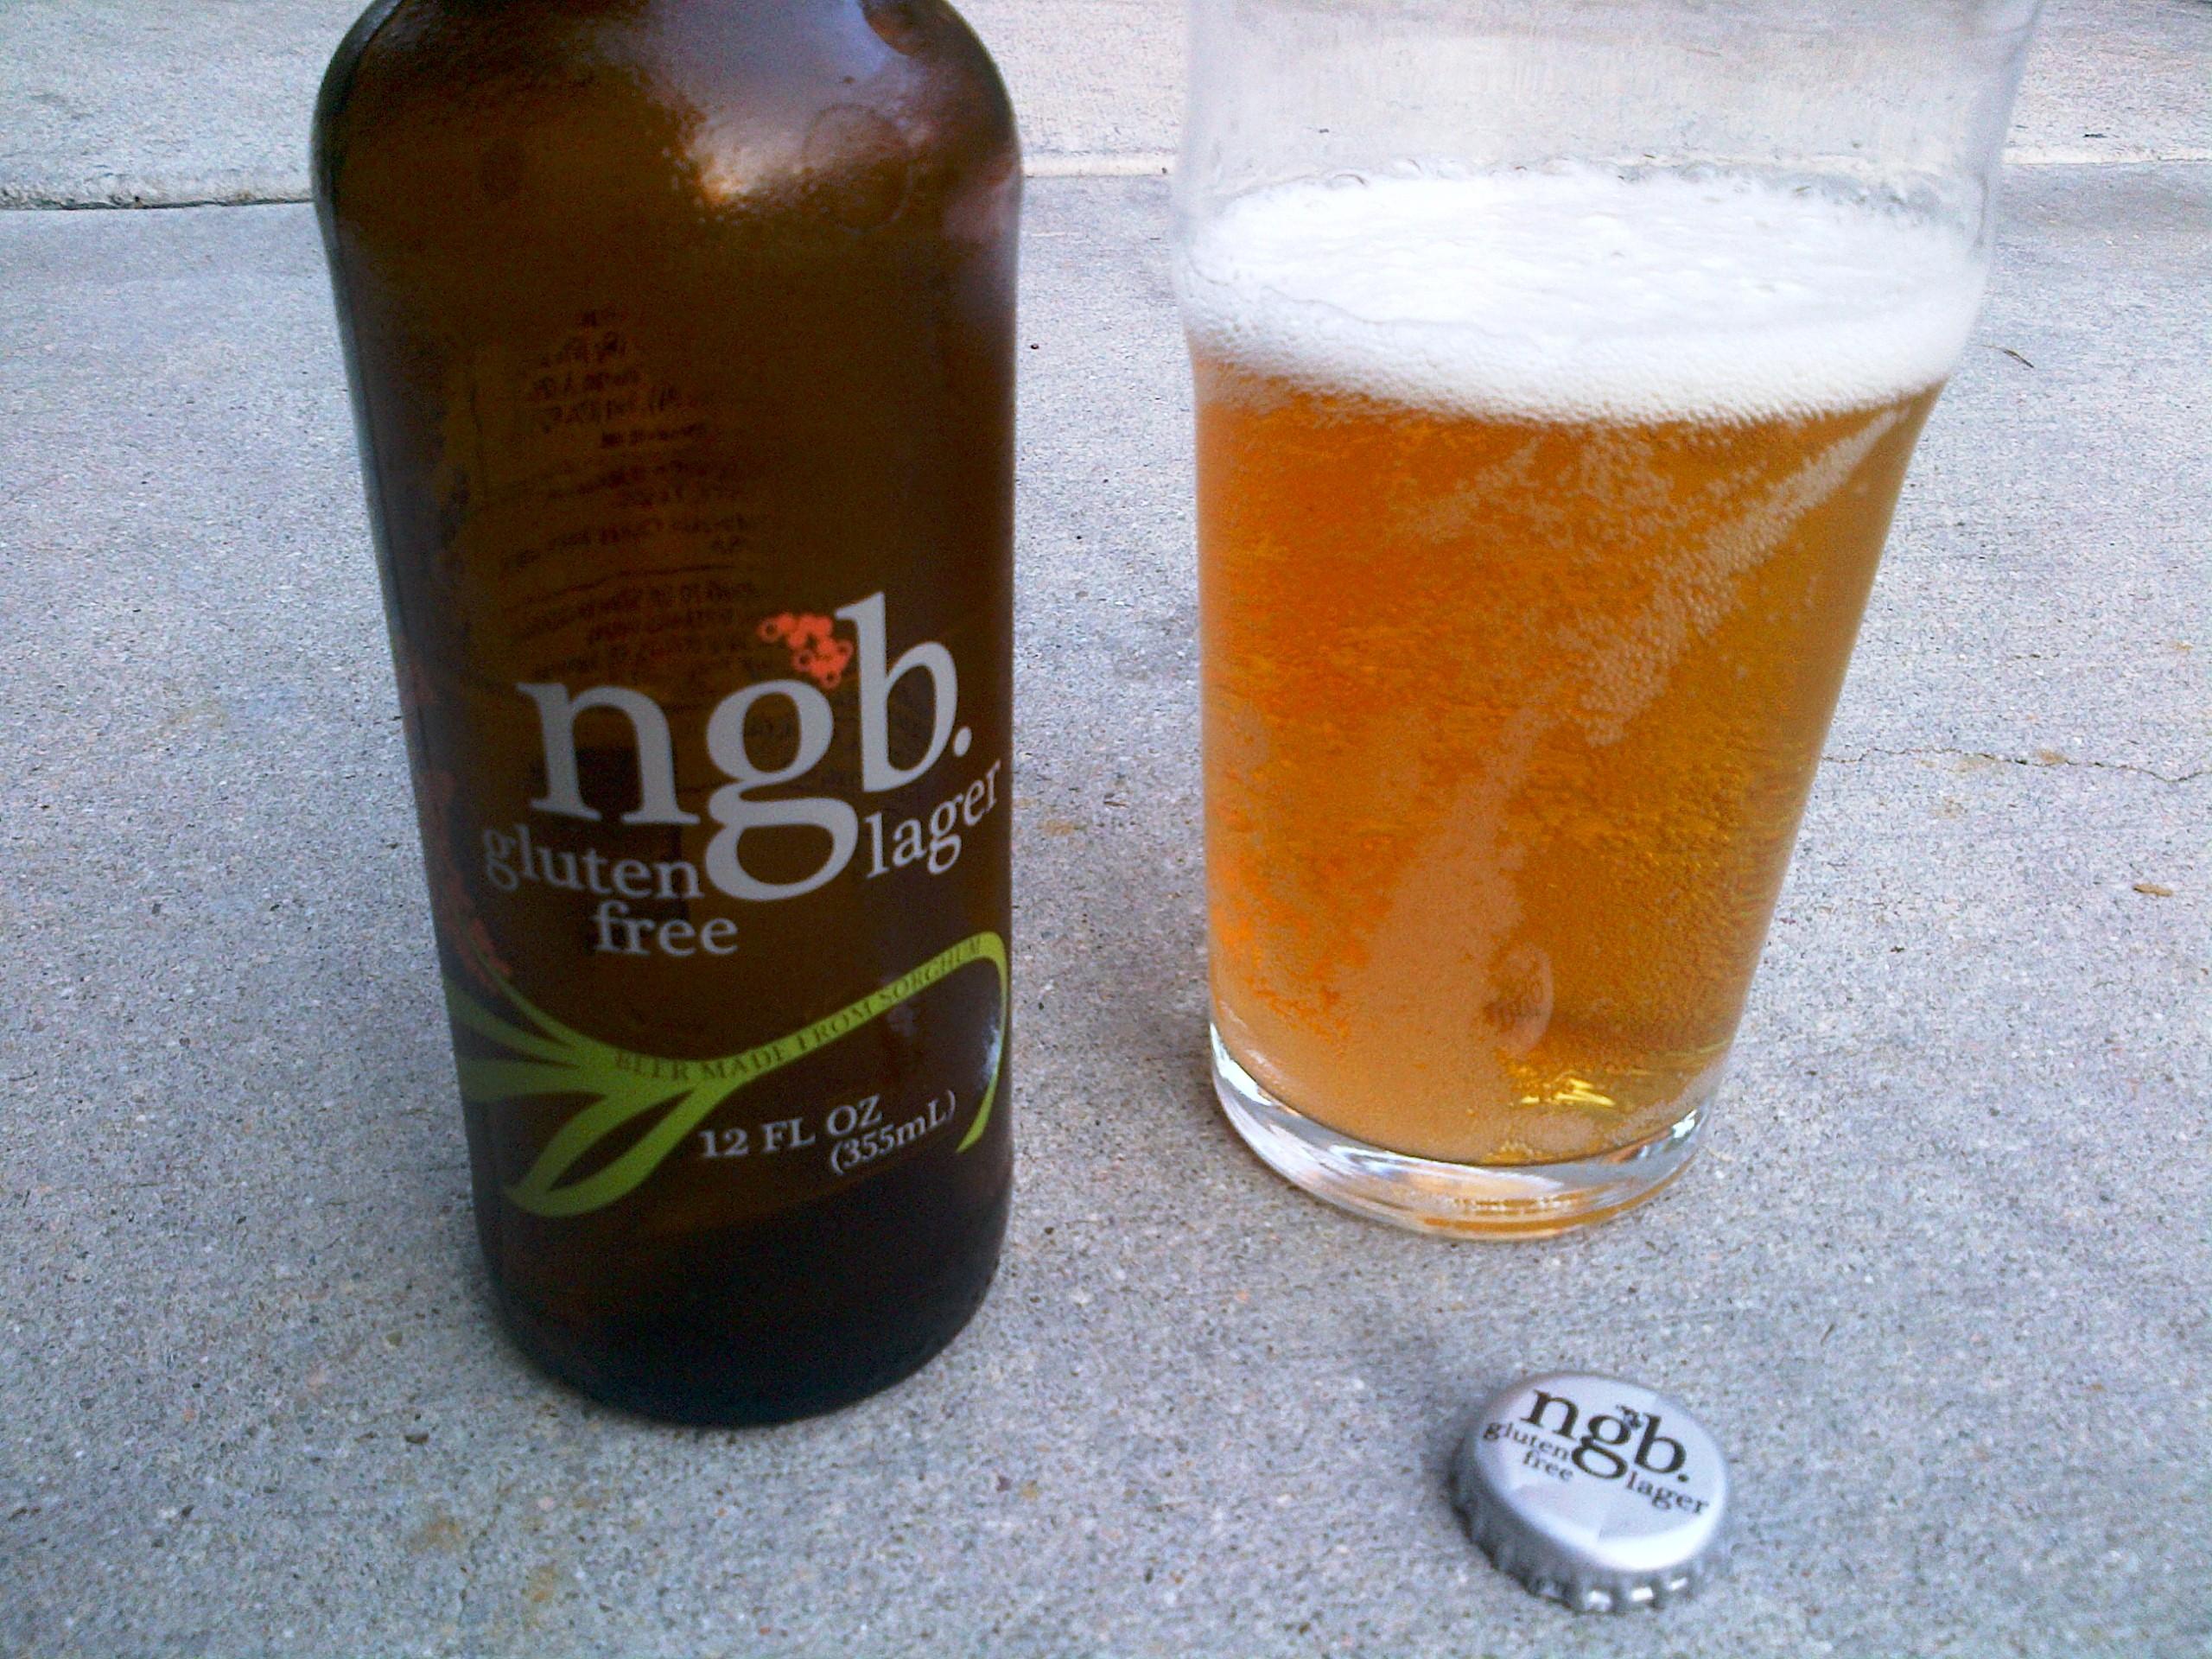 trader joe's ngb gluten free beer outsidejpg